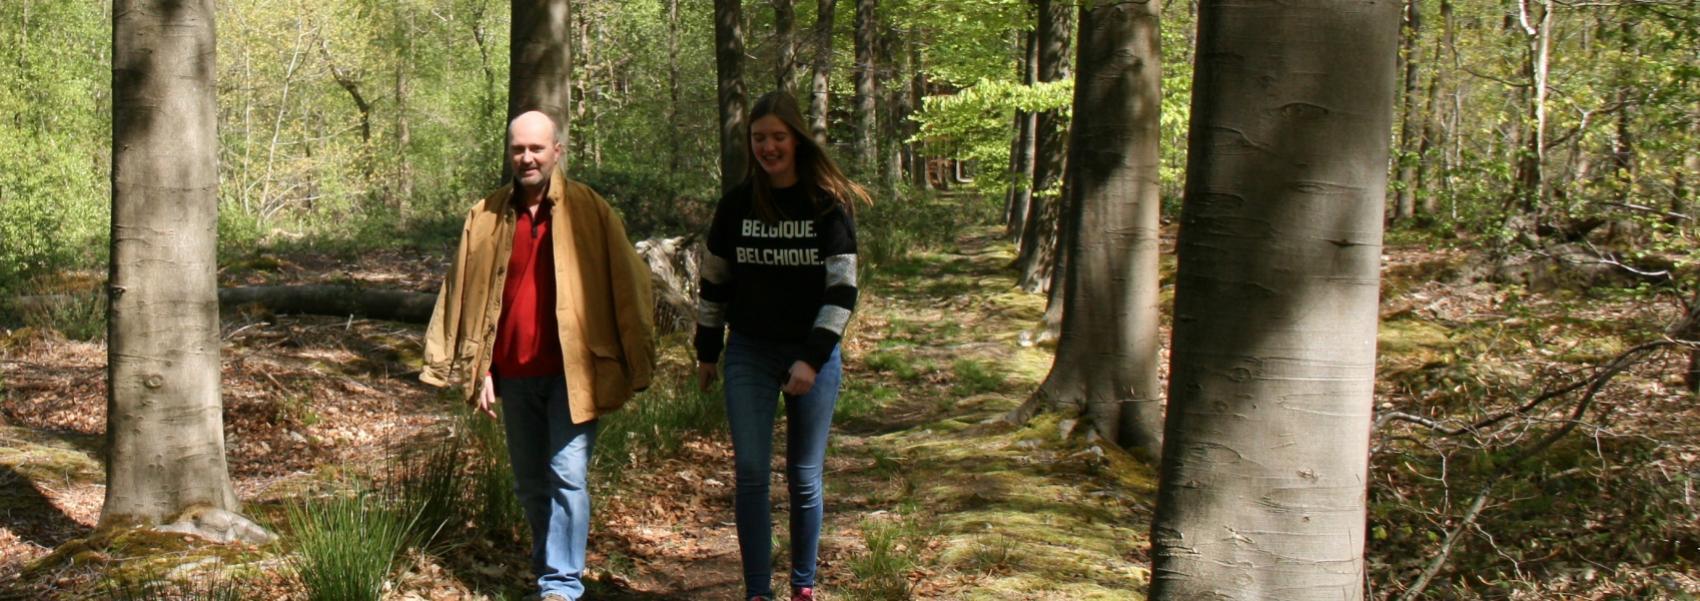 2 wandelaars in het bos